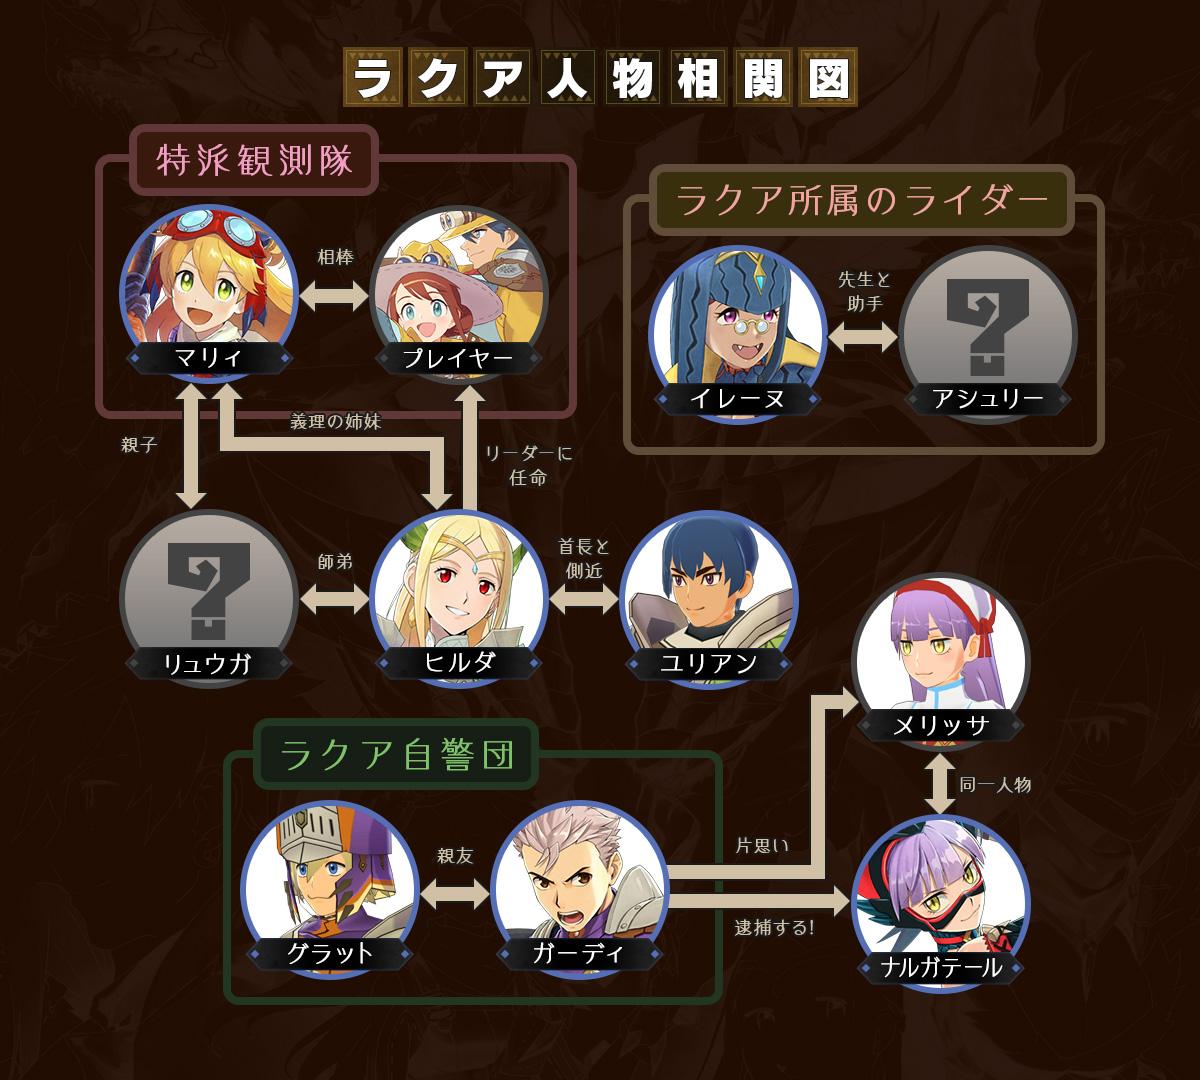 『モンスターハンター ライダーズ』の新PV&登場キャラクター情報が公開!